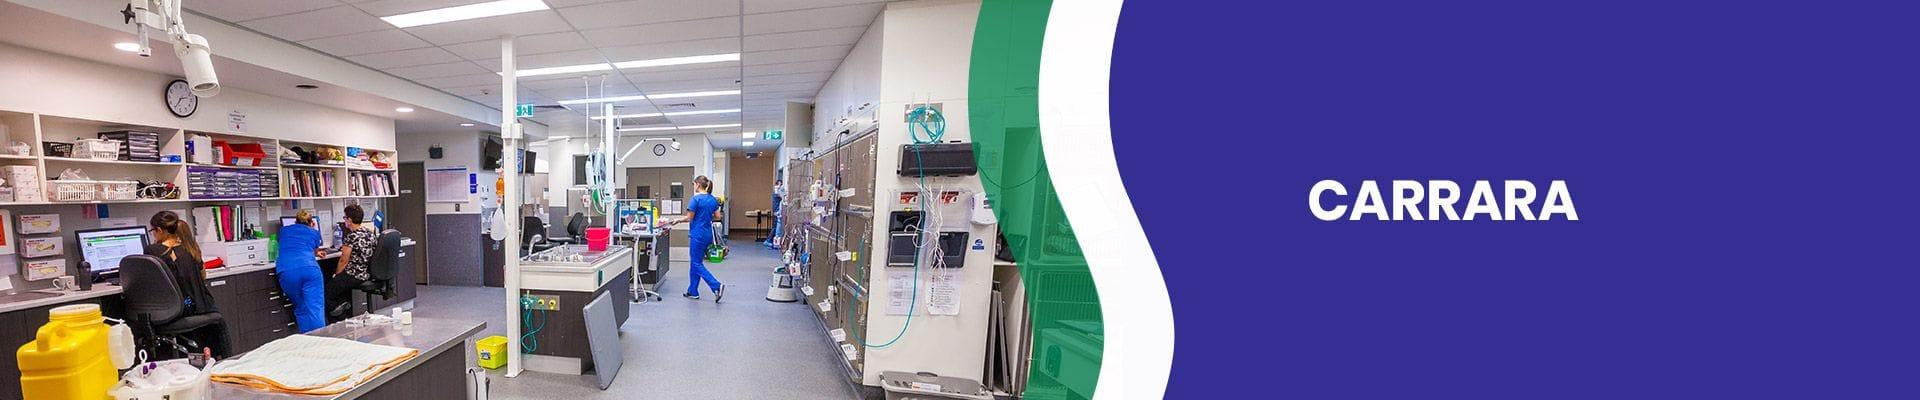 Carrara Vet Hospital | Veterinary Specialist Services